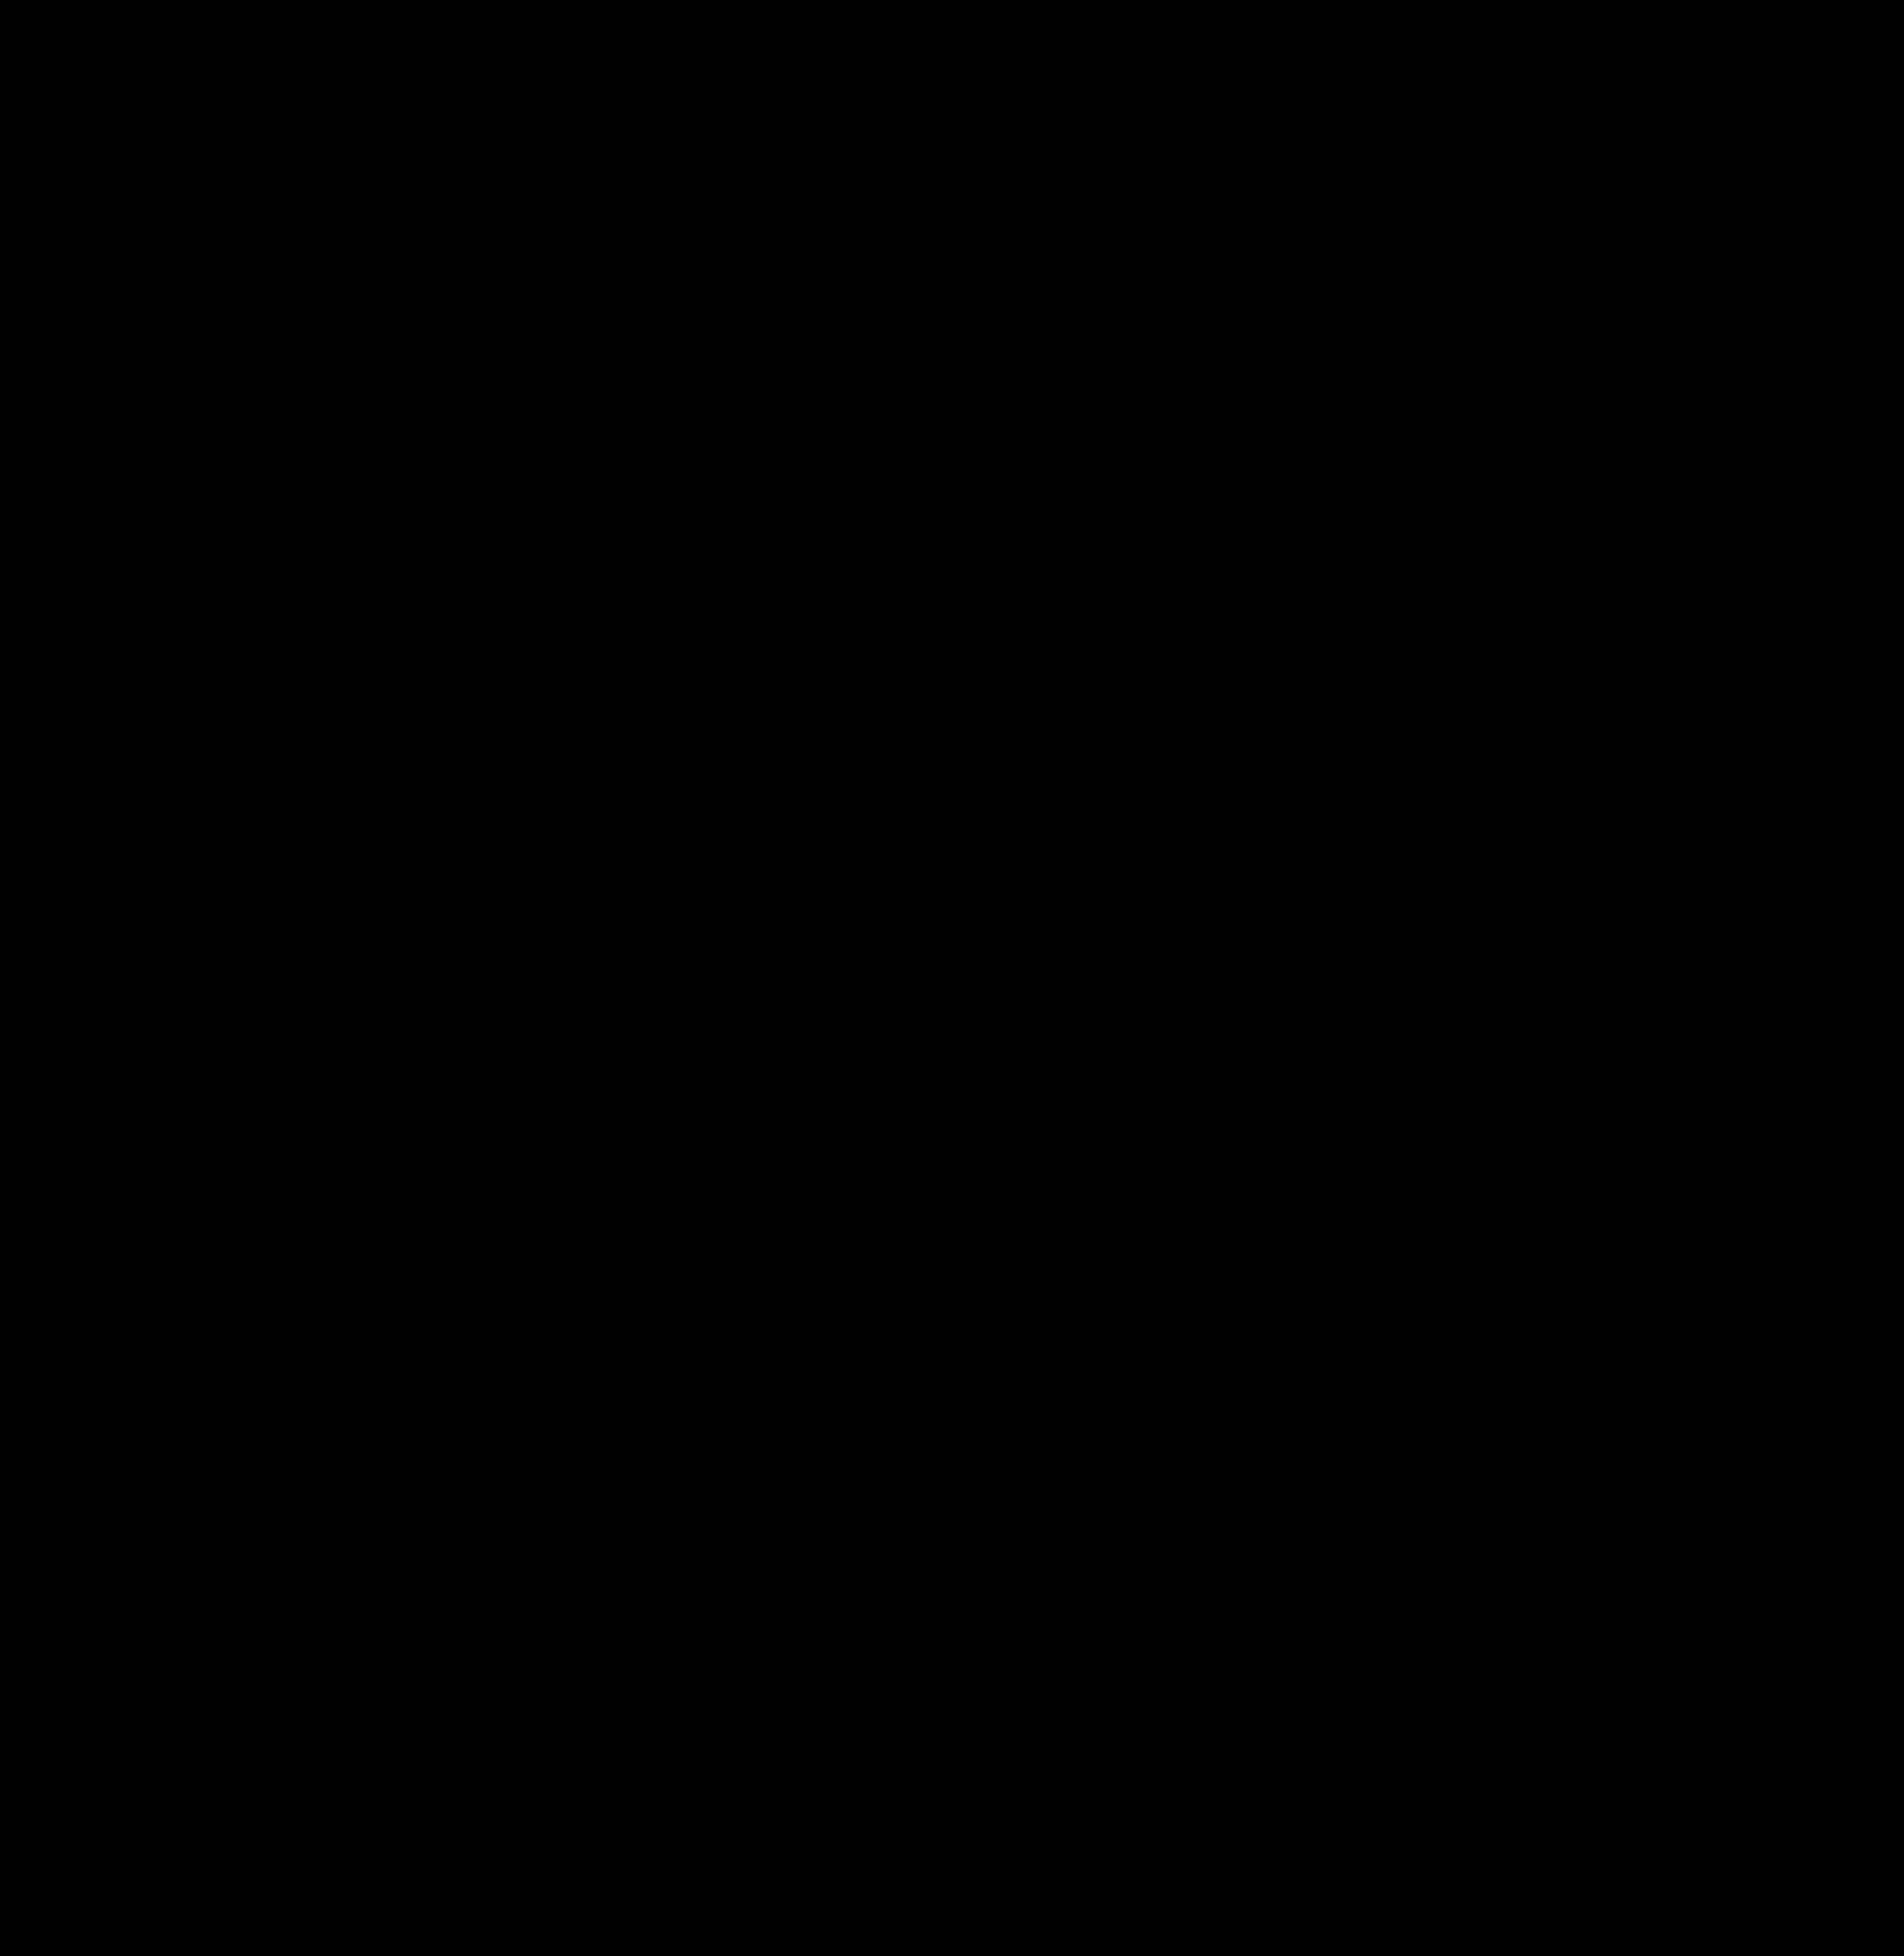 2280x2342 Silhouette Clipart Head